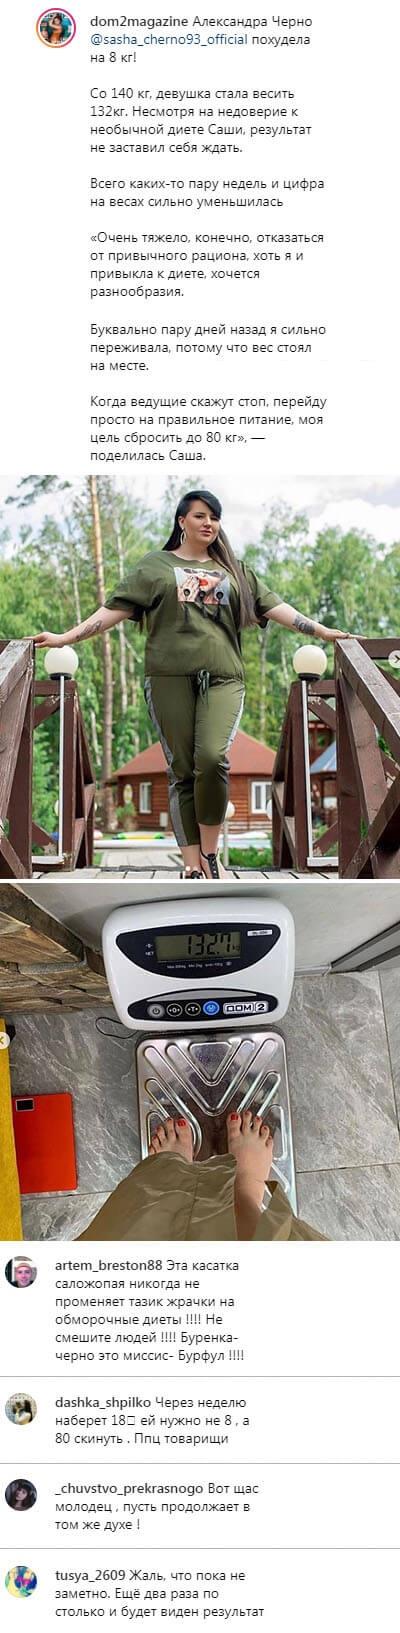 Александра Черно похвасталась успехами в вопросах похудения